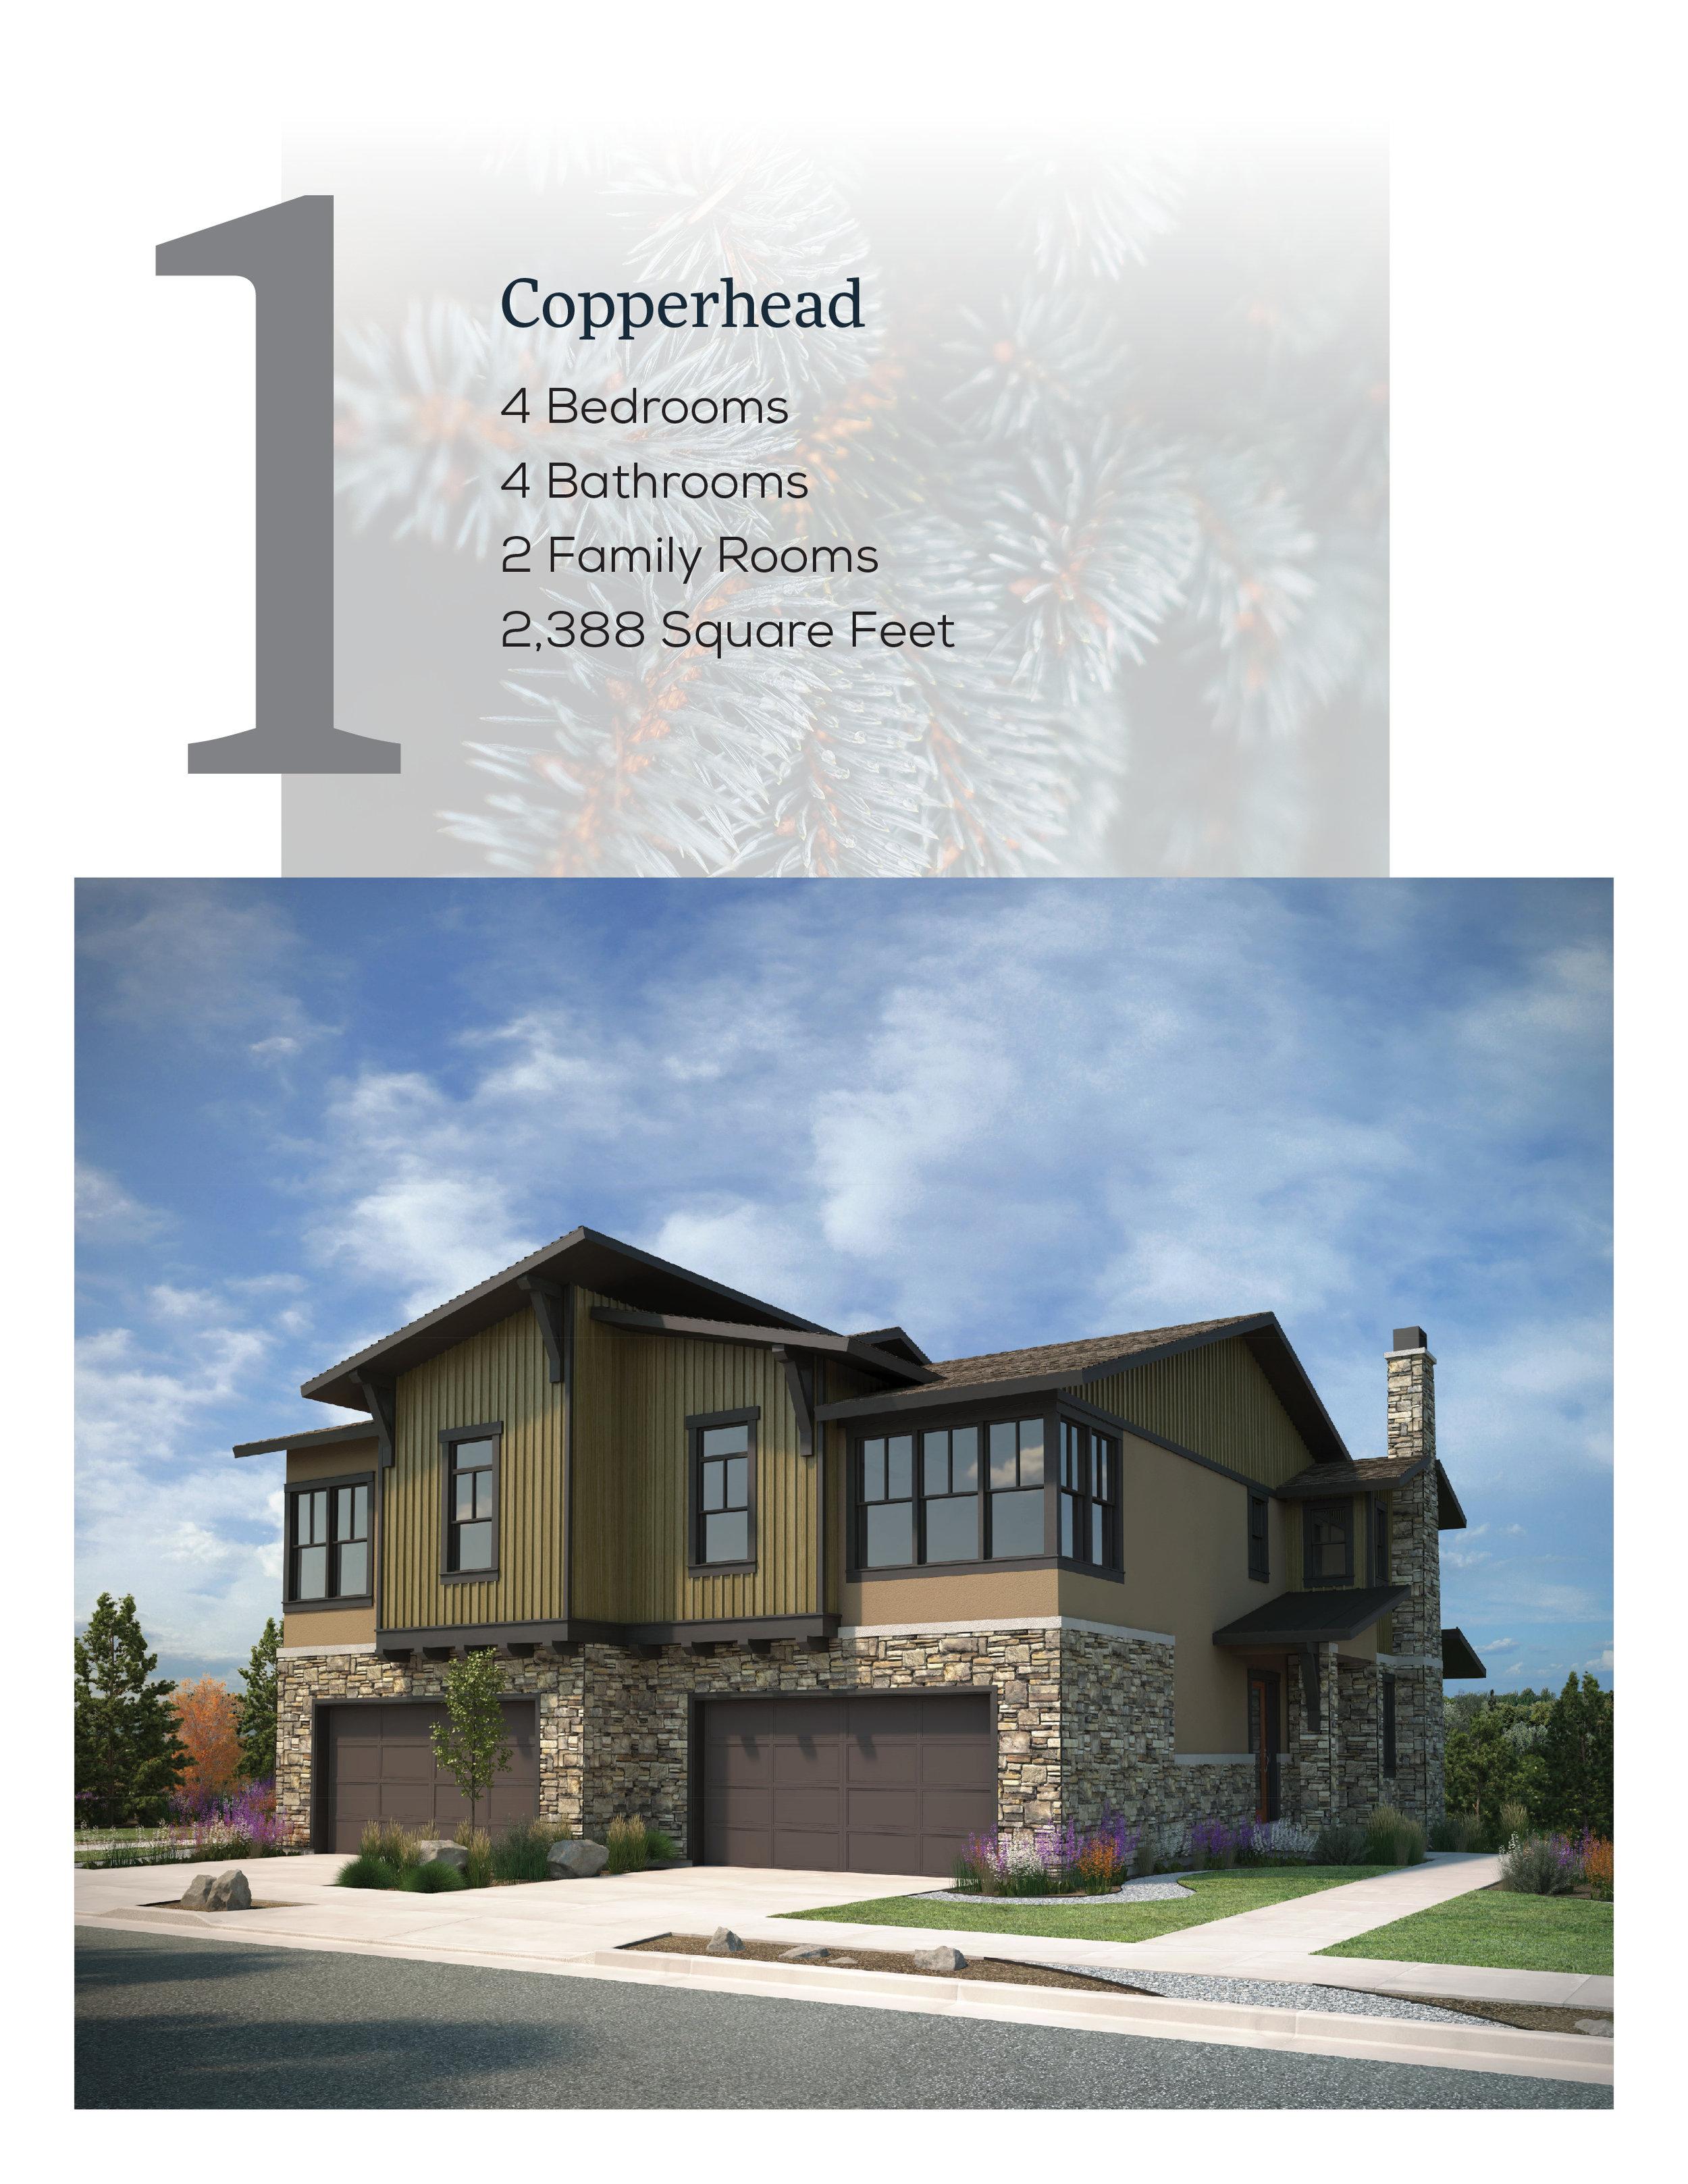 DWR Copperhead Unbranded .jpg